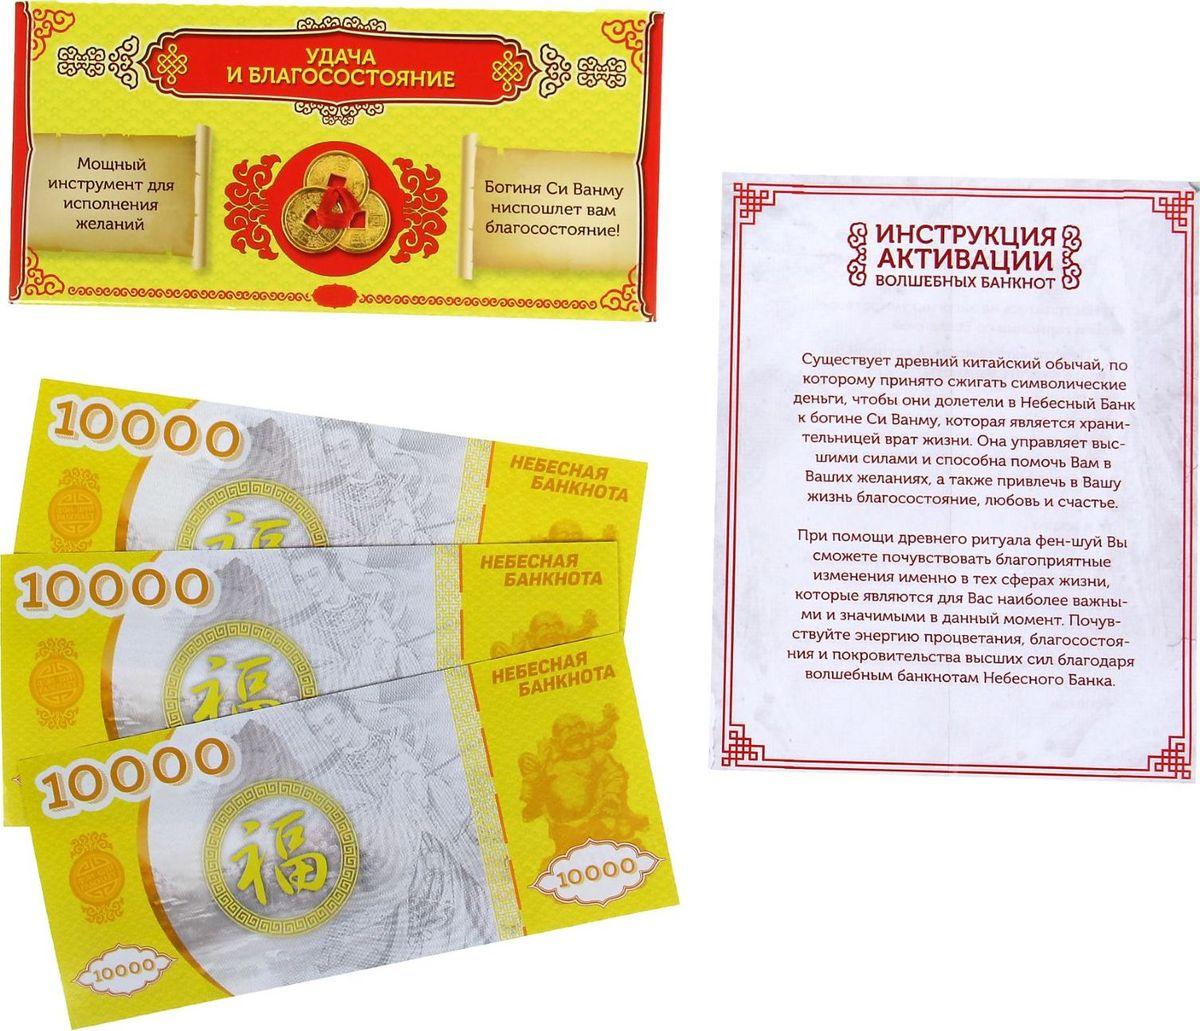 Конверт для денег На удачу и благосостояние, с банкнотами, 16,4 х 12,4 см1126557Небесный Банк богини Си Ванму. Существует древний китайский обычай сжигать символические деньги и отправлять их в Небесный Банк. Именно там находится Си Ванму &mdash хранительница врат жизни. Управляя высшими силами, она может привлечь в вашу жизнь благосостояние, любовь и счастье, а также исполнить самые заветные желания. Как привлечь удачу с помощью небесных банкнот? Для начала важно настроиться на волну умиротворения и гармонии со Вселенной. Сформулируйте своё самое заветное желание, которое касается удачи и благосостояния, и подожгите банкноты. Дым, уходящий в небо, непременно вернётся к вам в виде позитивной энергии. Сразу после проведения ритуала ваши желания начнут воплощаться, а удача станет вашим верным спутником! В наборе вы найдёте: 3 банкноты, ритуал по активации. Да пребудет в вашей жизни всё то, что вы пожелаете!